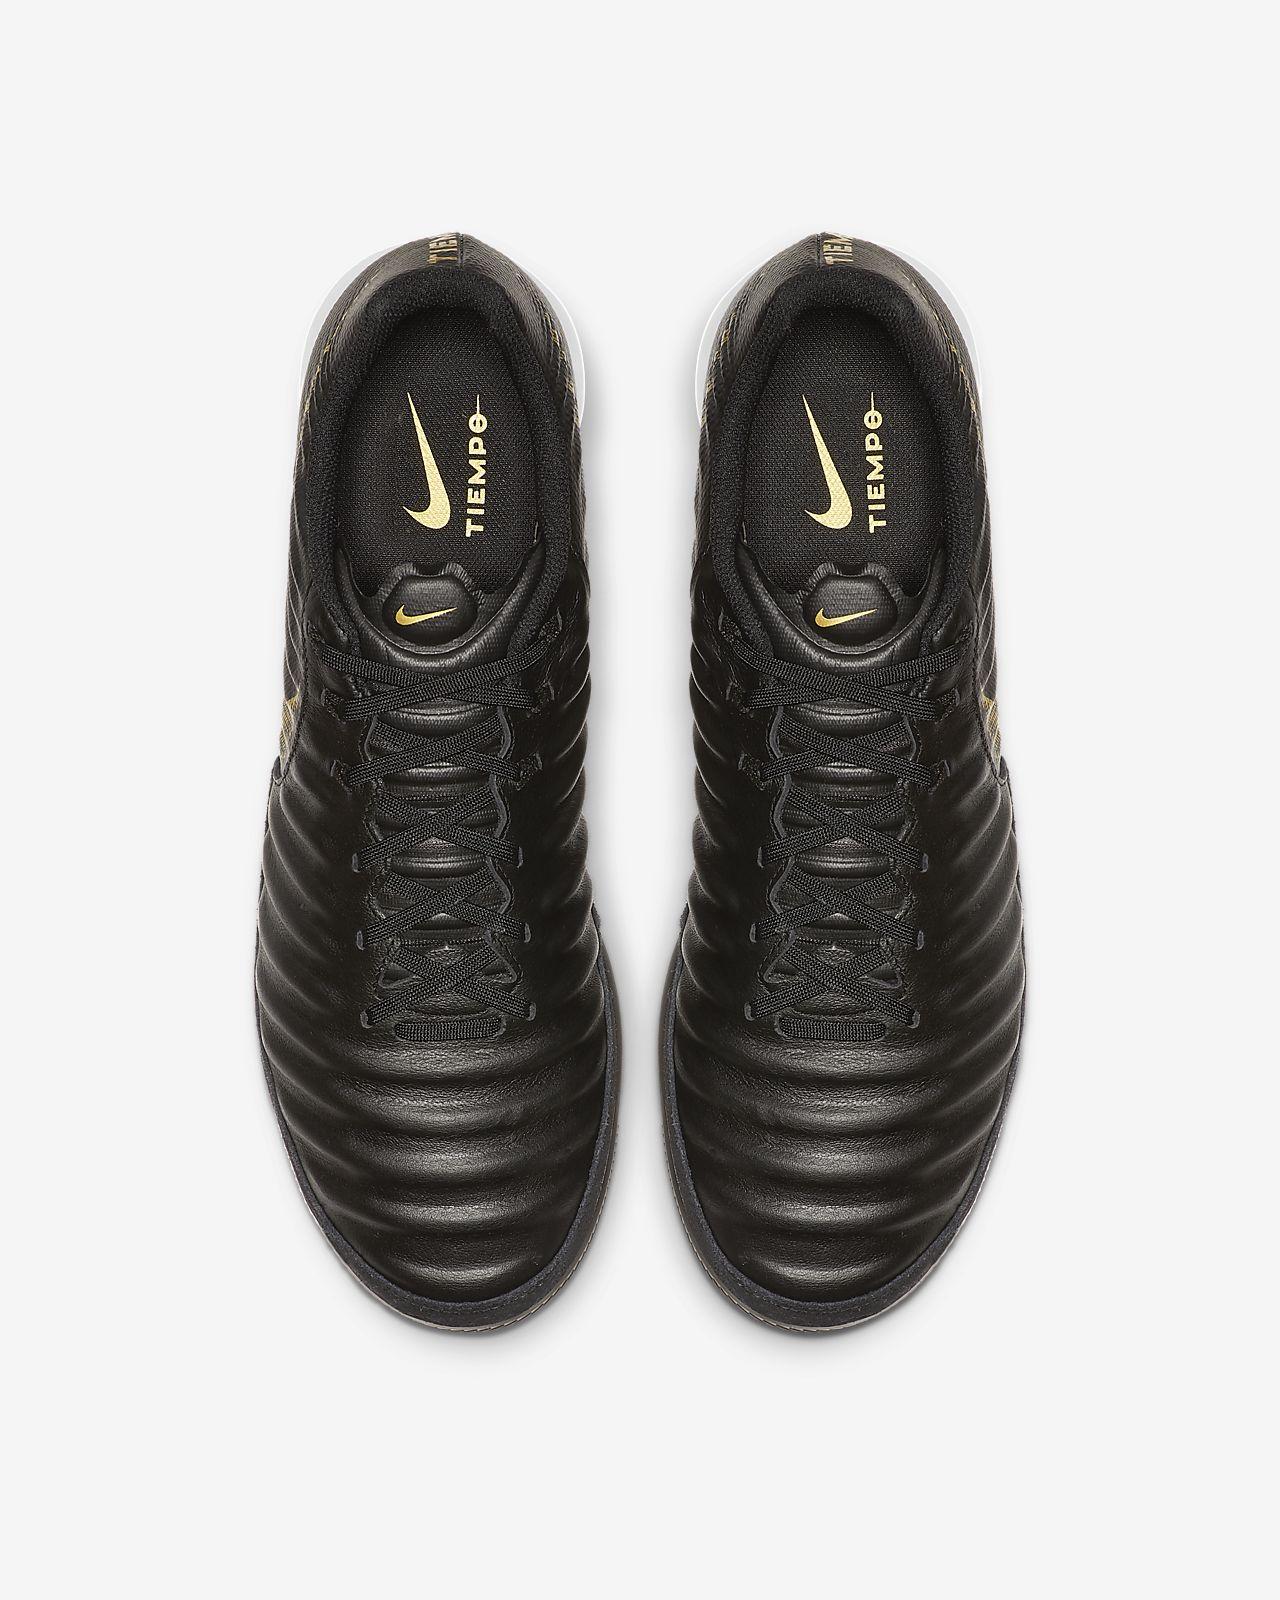 ... Calzado de fútbol para cancha cubierta Nike TiempoX Lunar Legend VII Pro 31c5b526ccabb